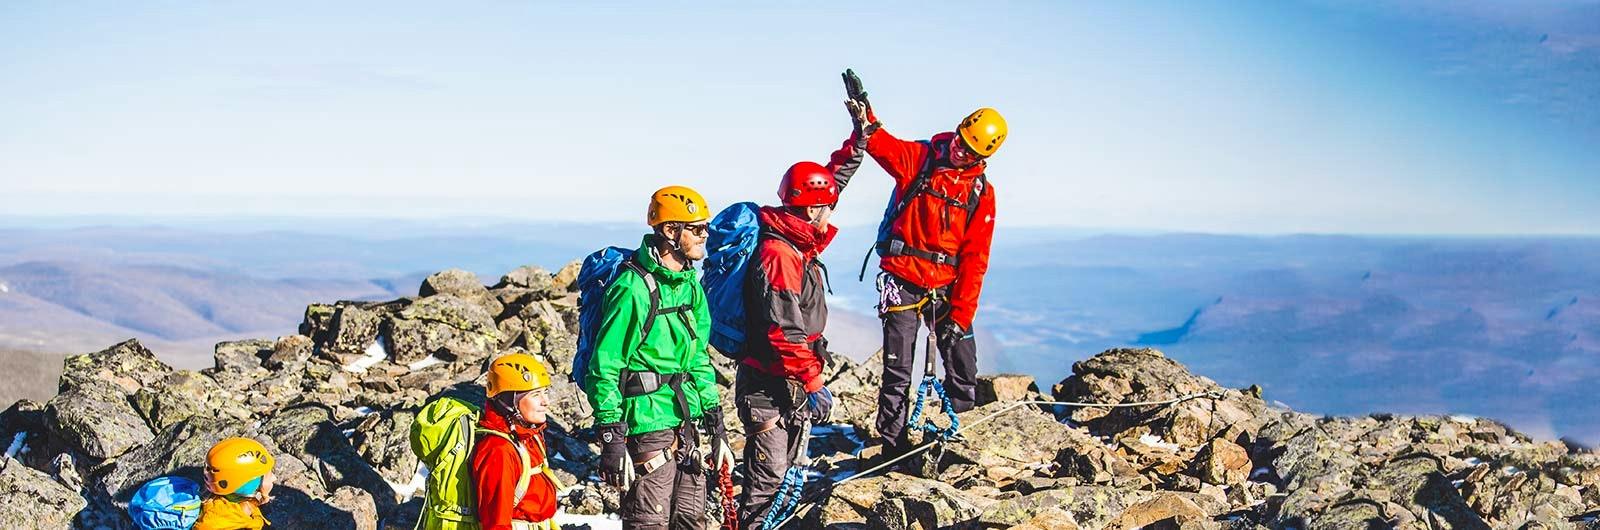 Klättrare nåt toppen av berget